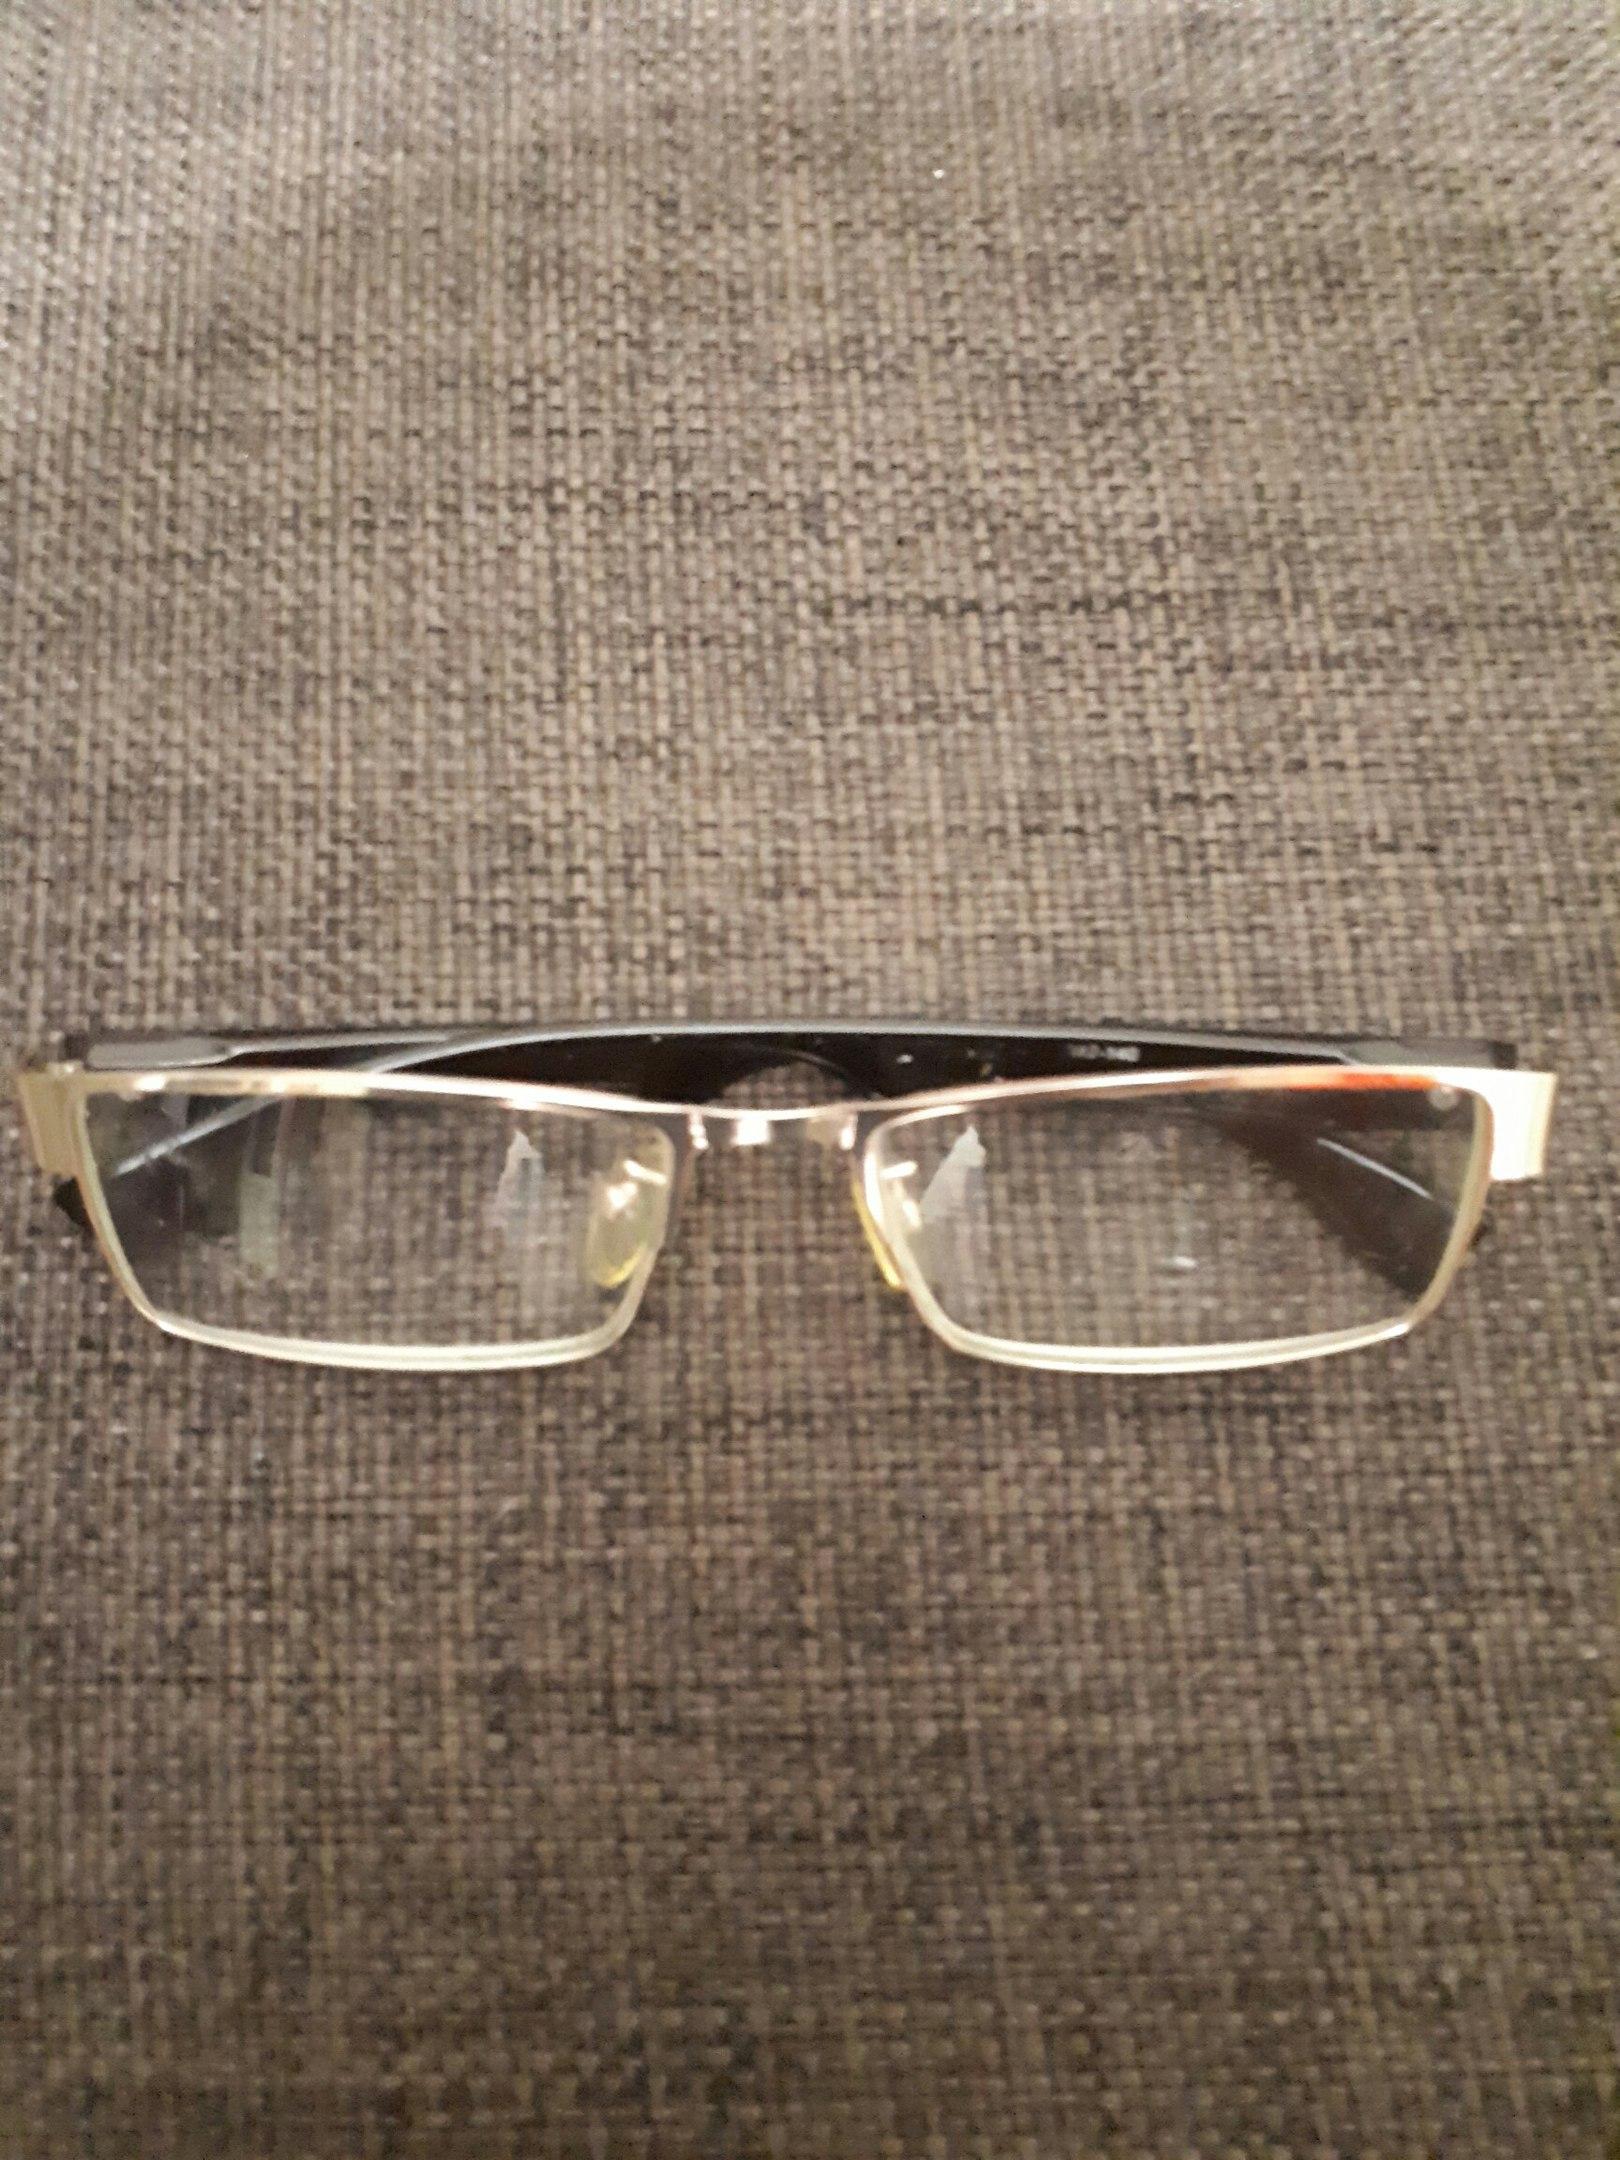 Найдены очки в районе ДДТ .